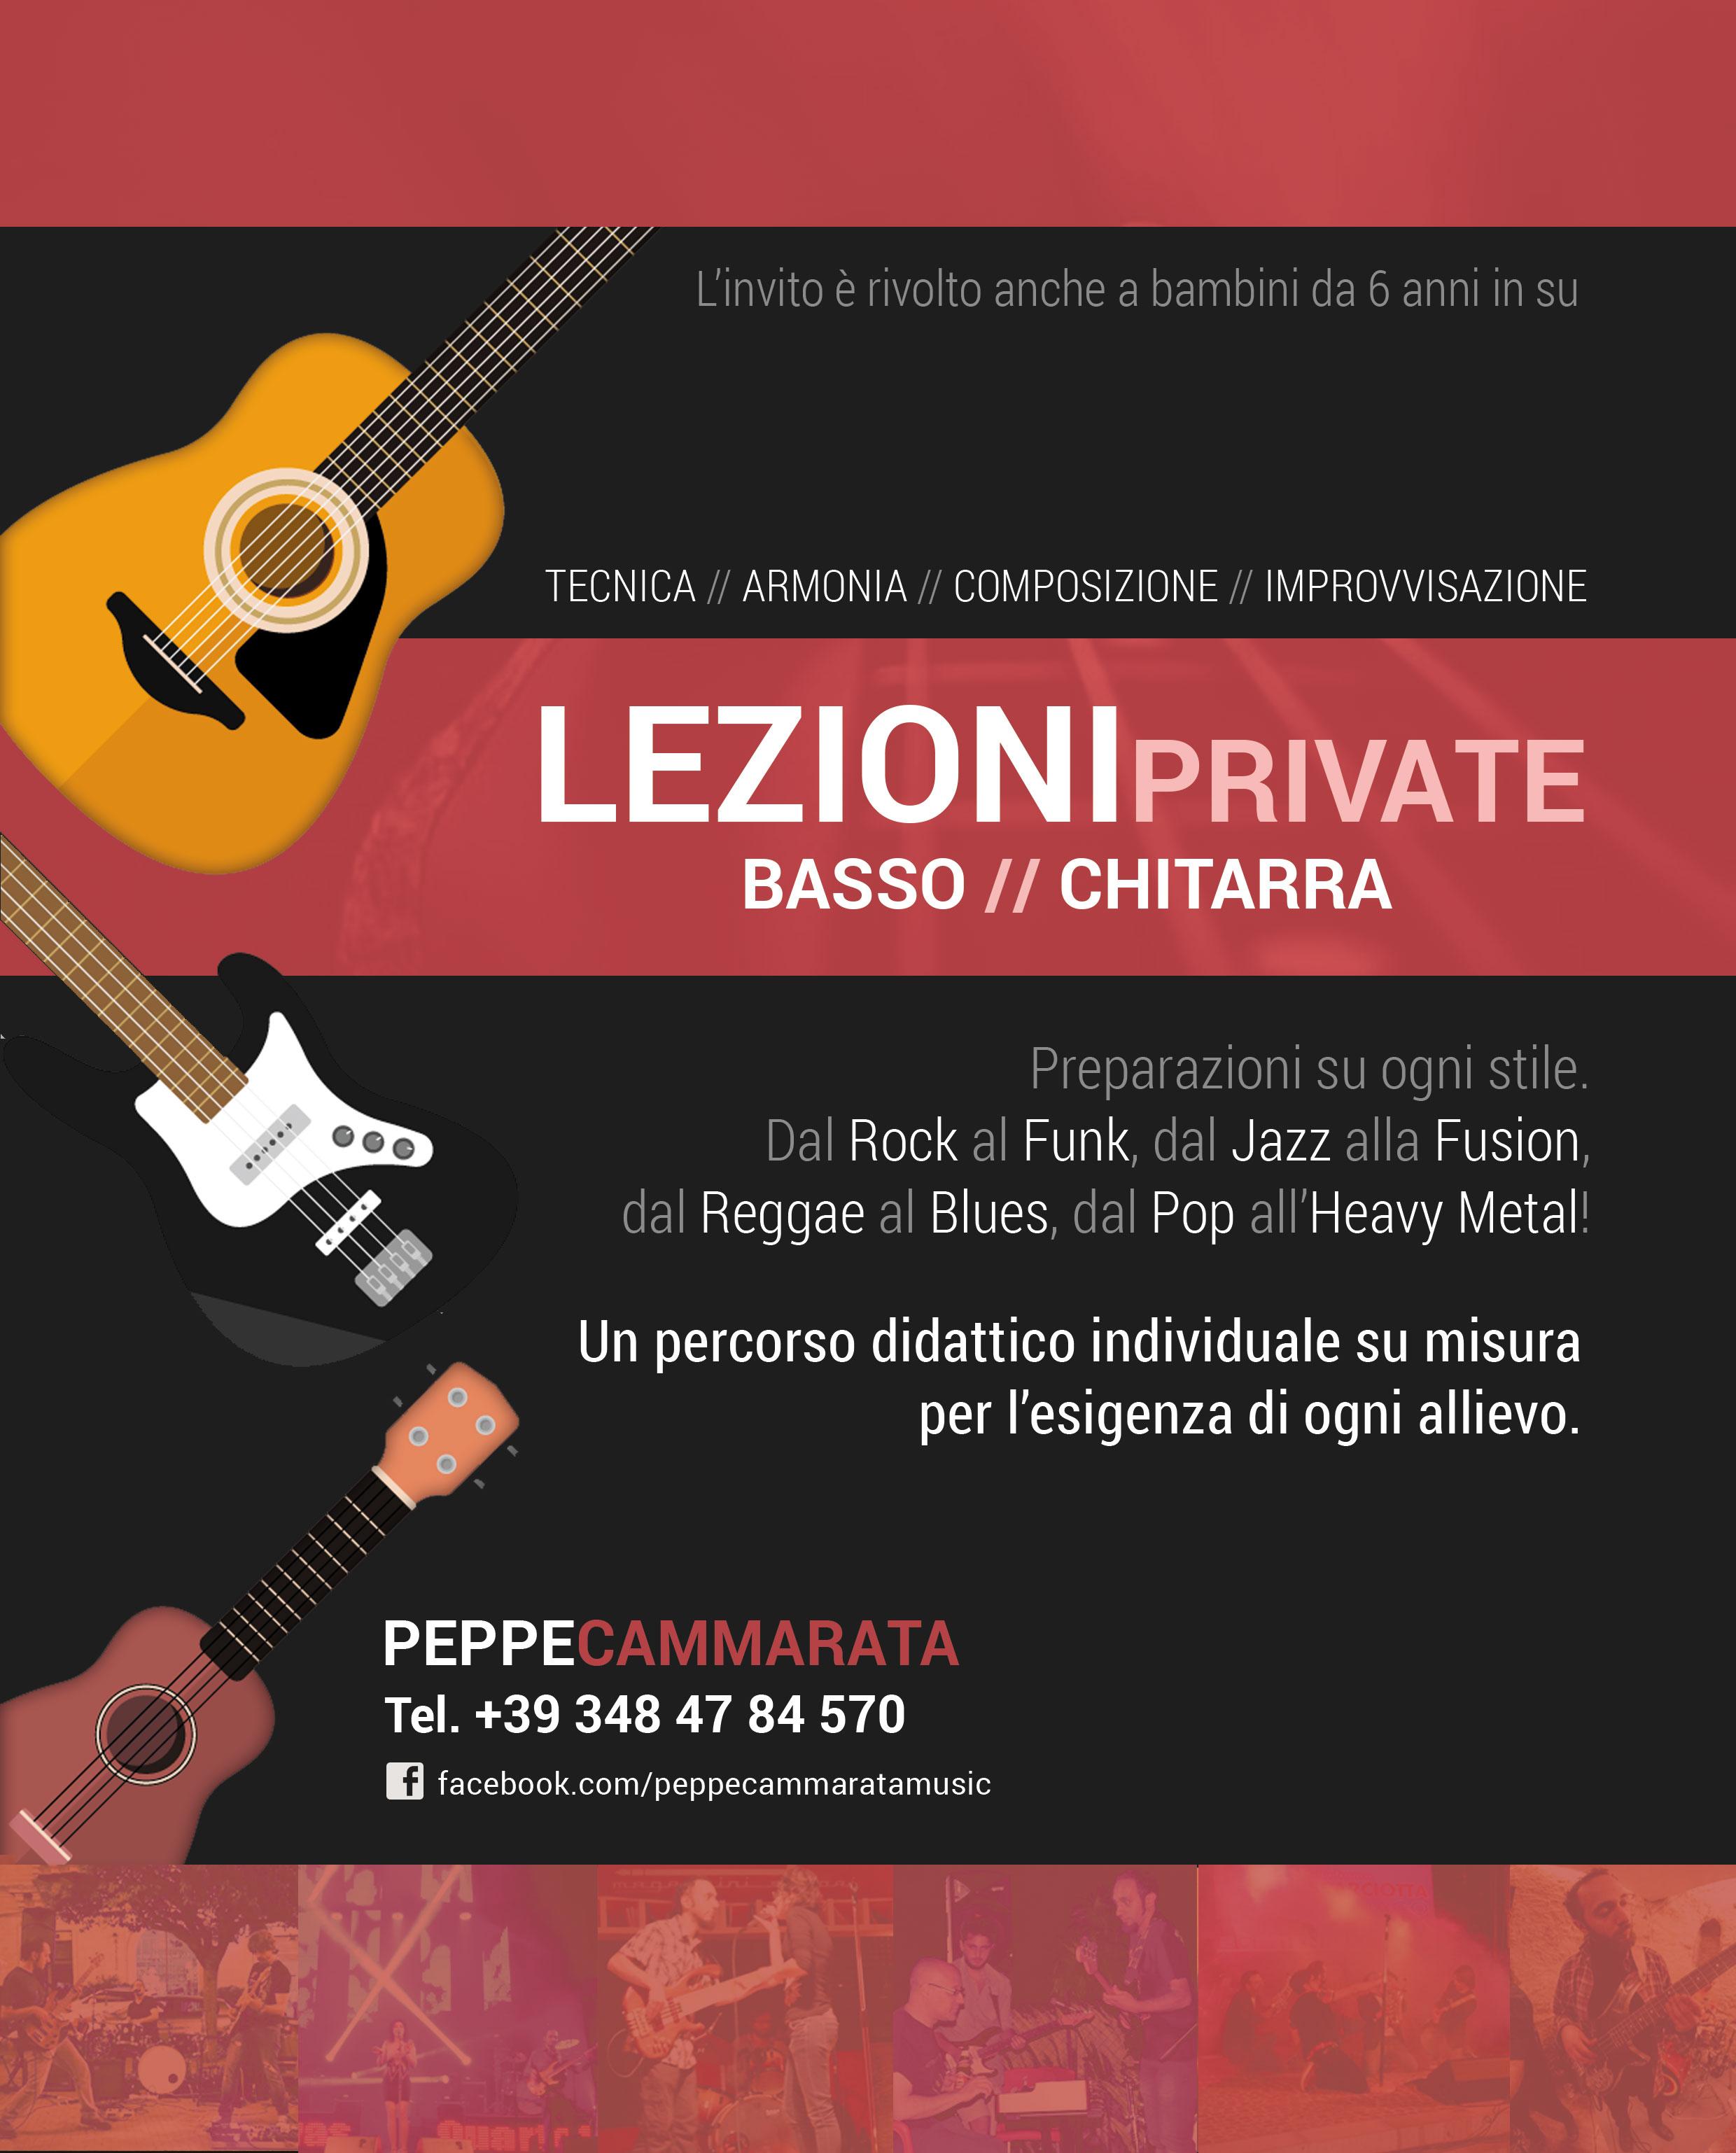 Peppe Cammarata